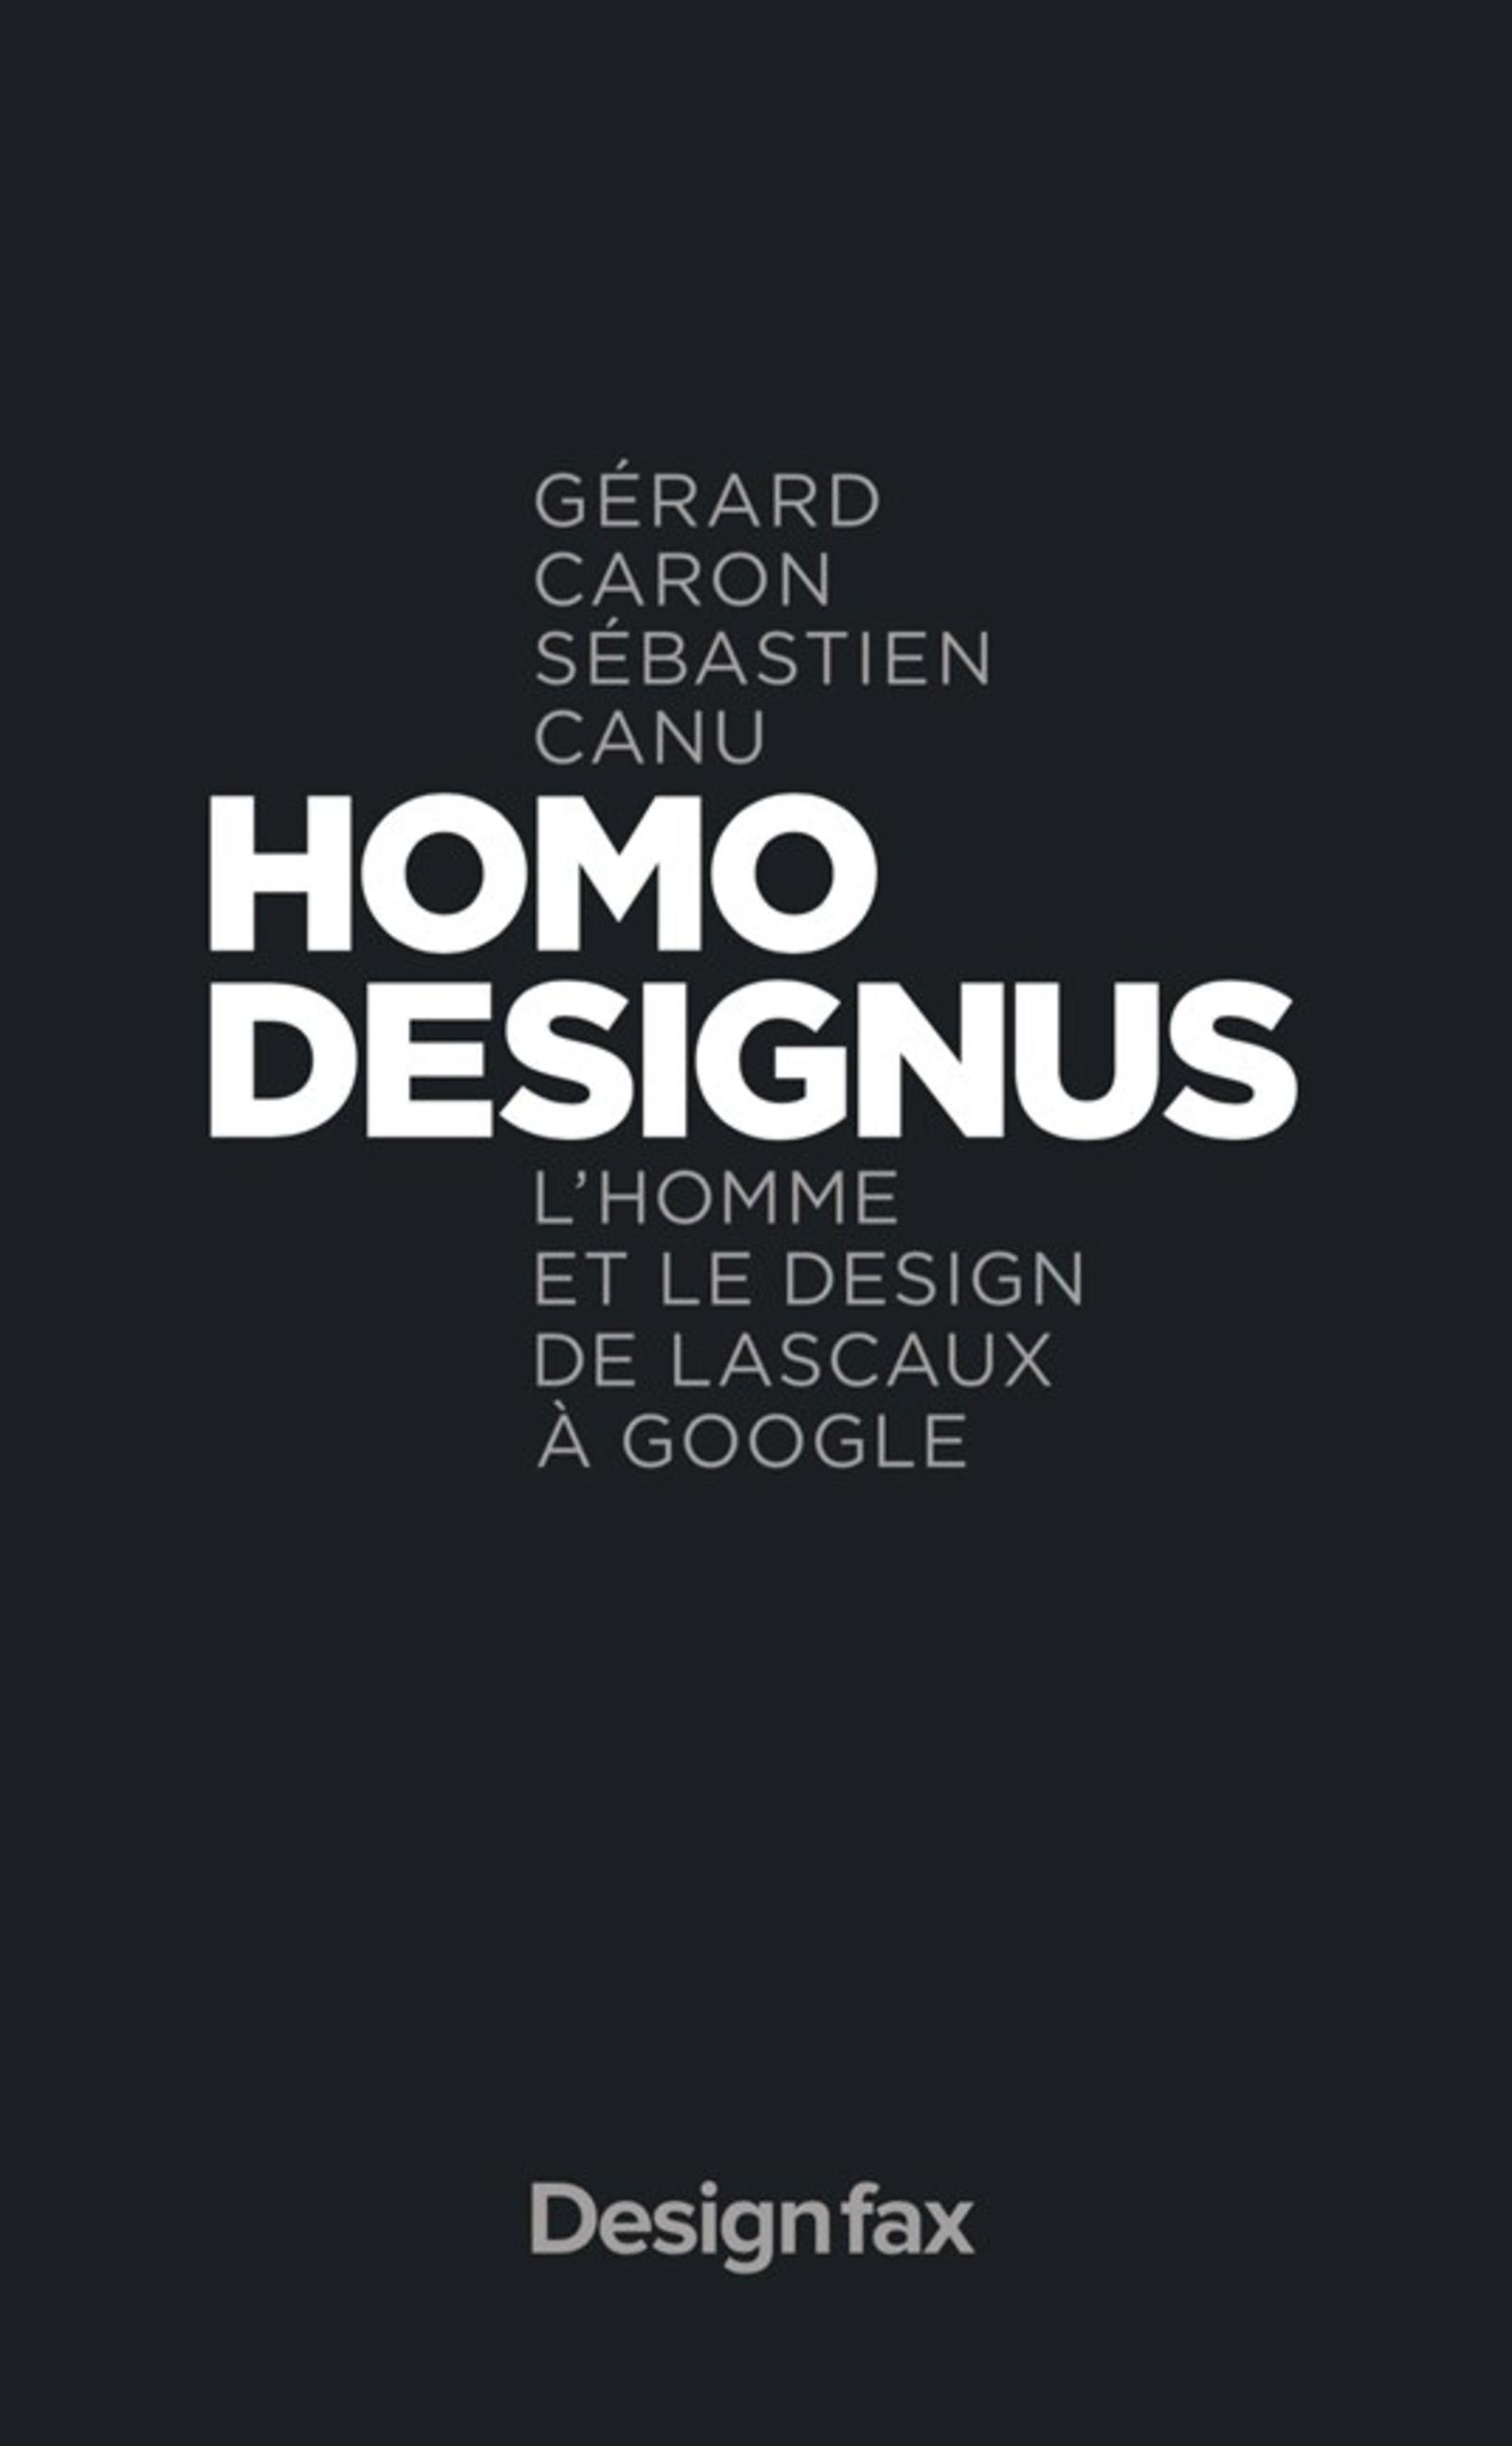 HOMO DESIGNUS - L'HOMME ET LE DESIGN DE LASCAUX A GOOGLE